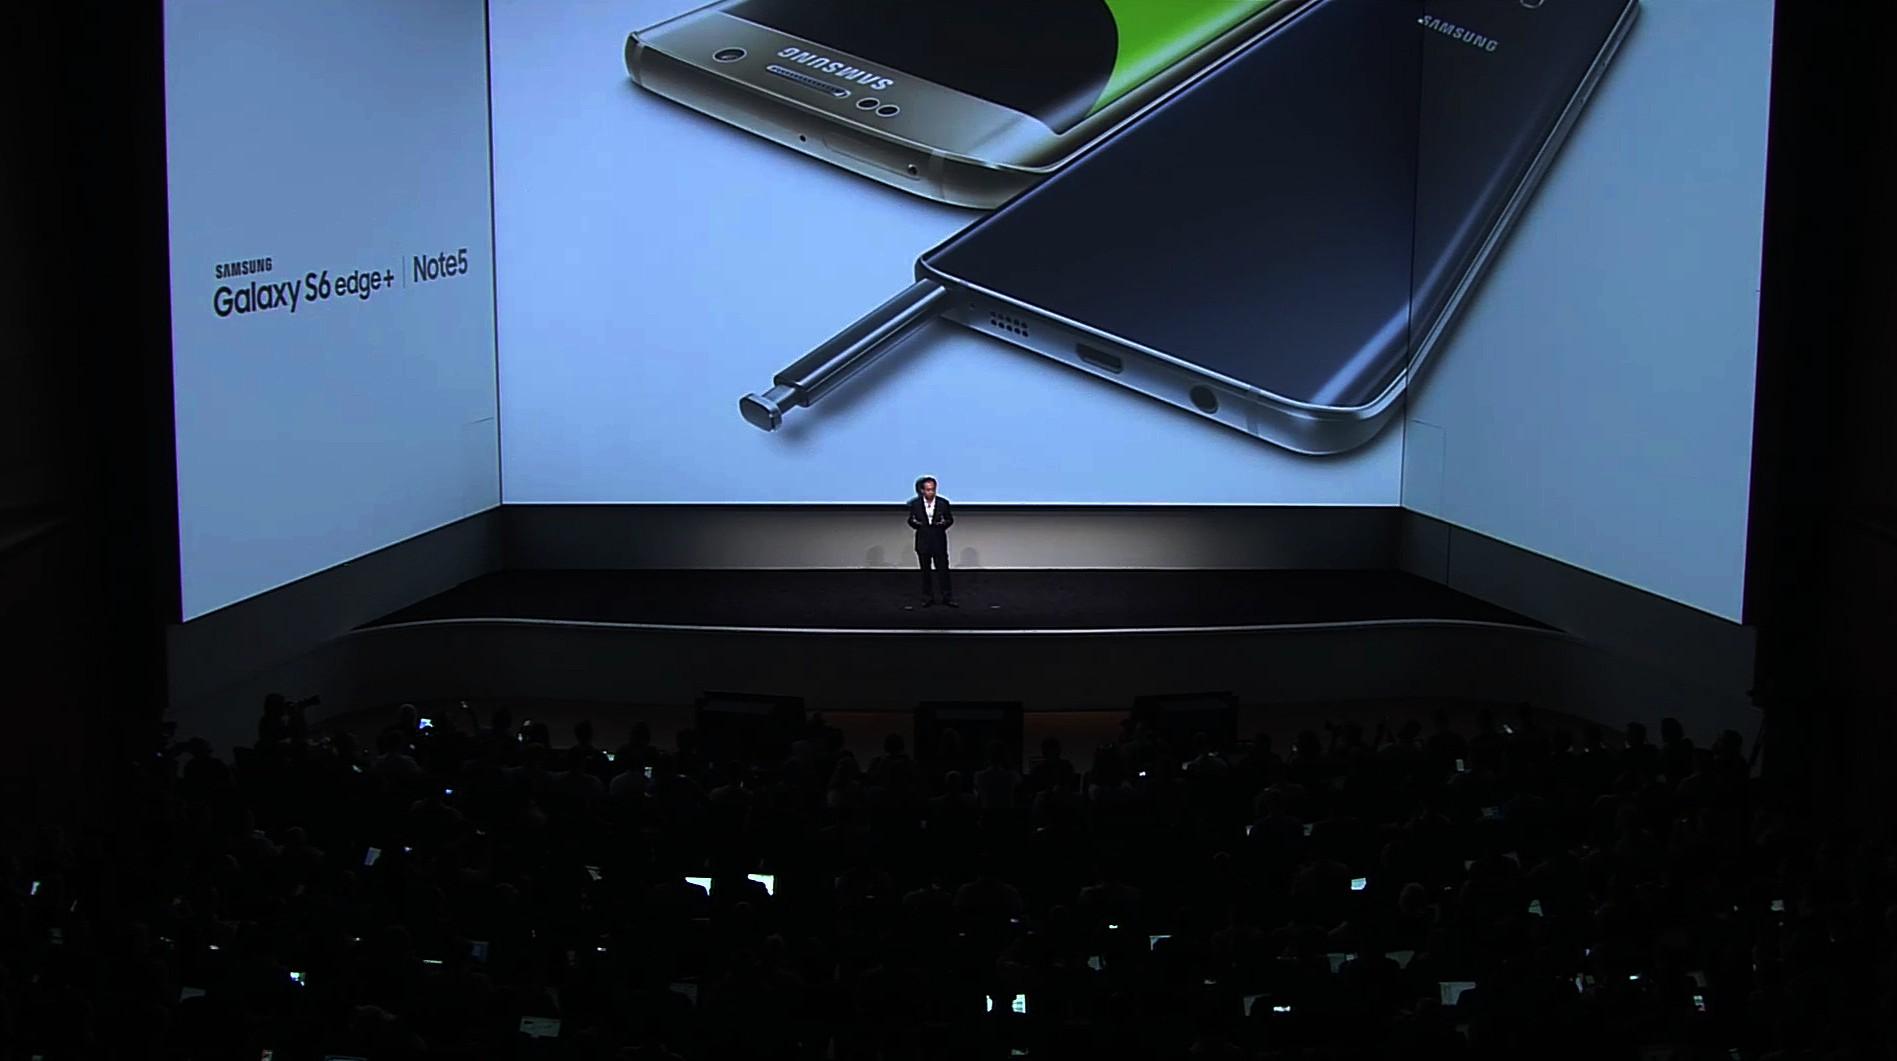 Samsung Galaxy Note 5 будет доступен по цене около $700, но сколько он стоит на самом деле?